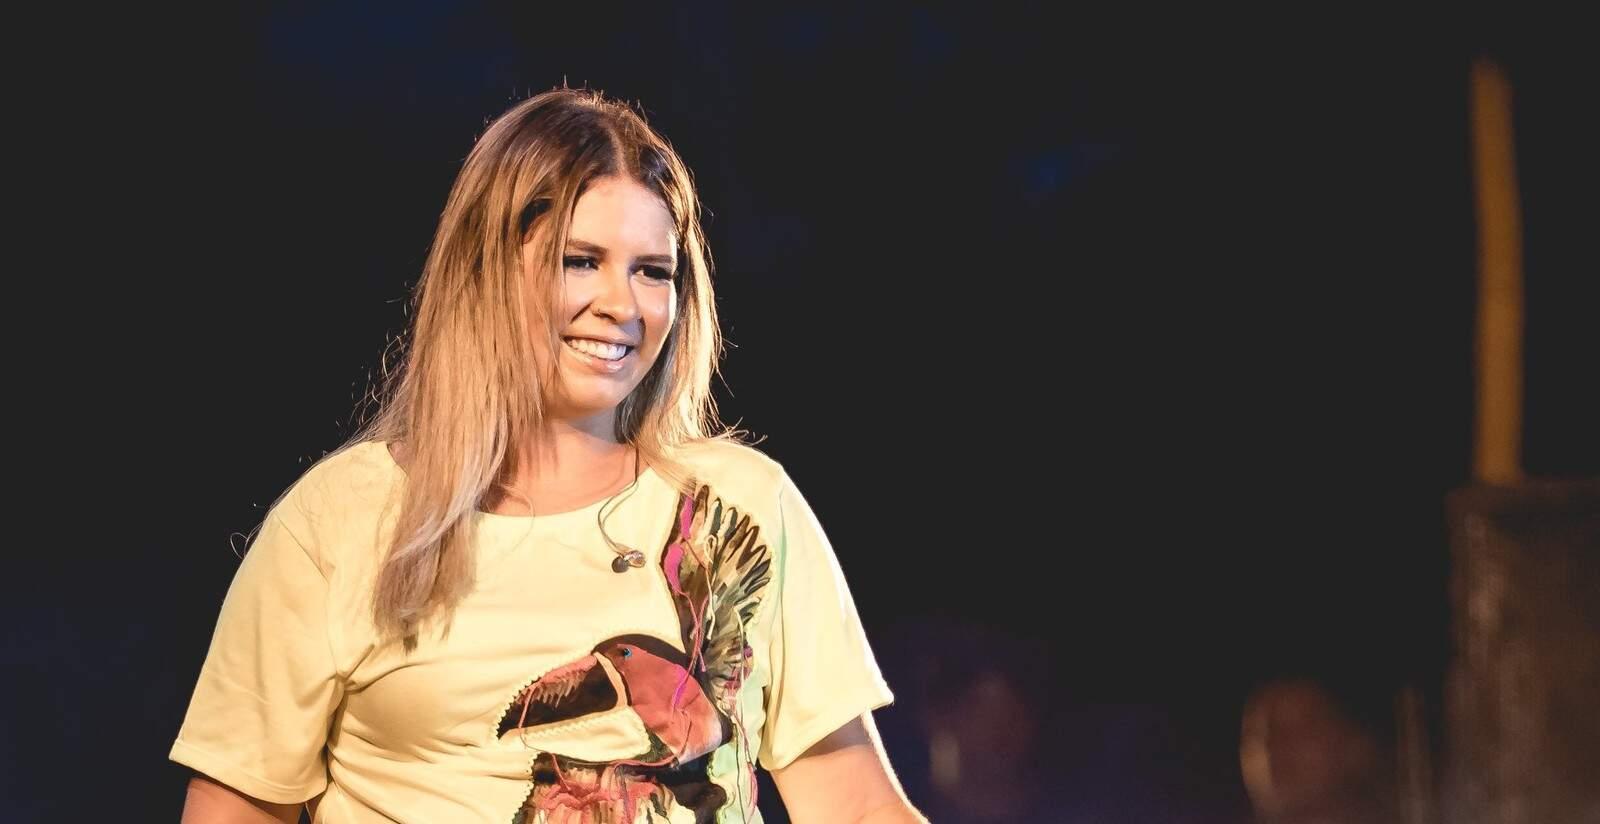 Cantora enfrentou críticas nas redes sociais após doação para Manaus